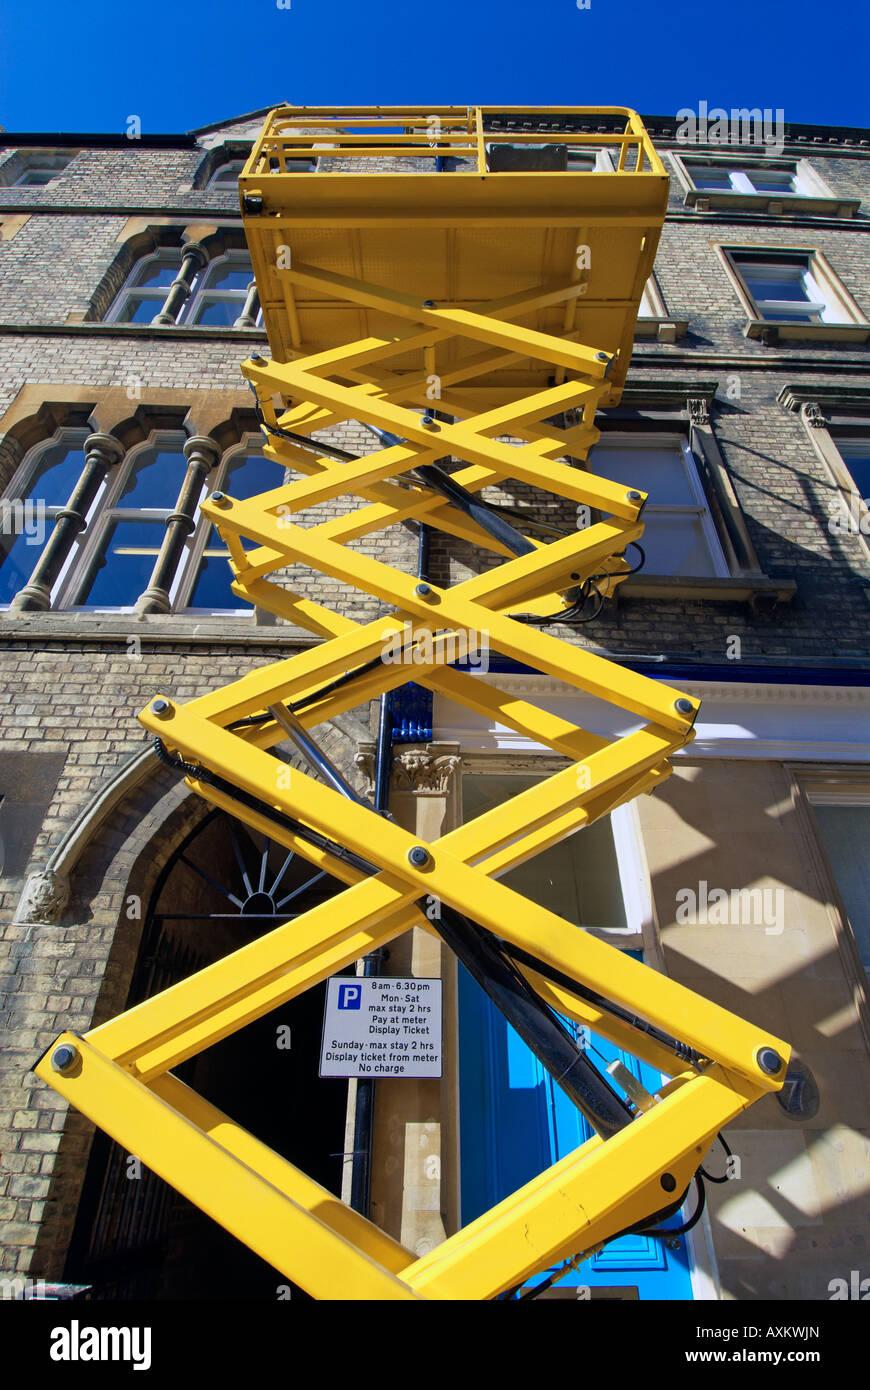 A hydraulic scissor lift platform at work in King Edward